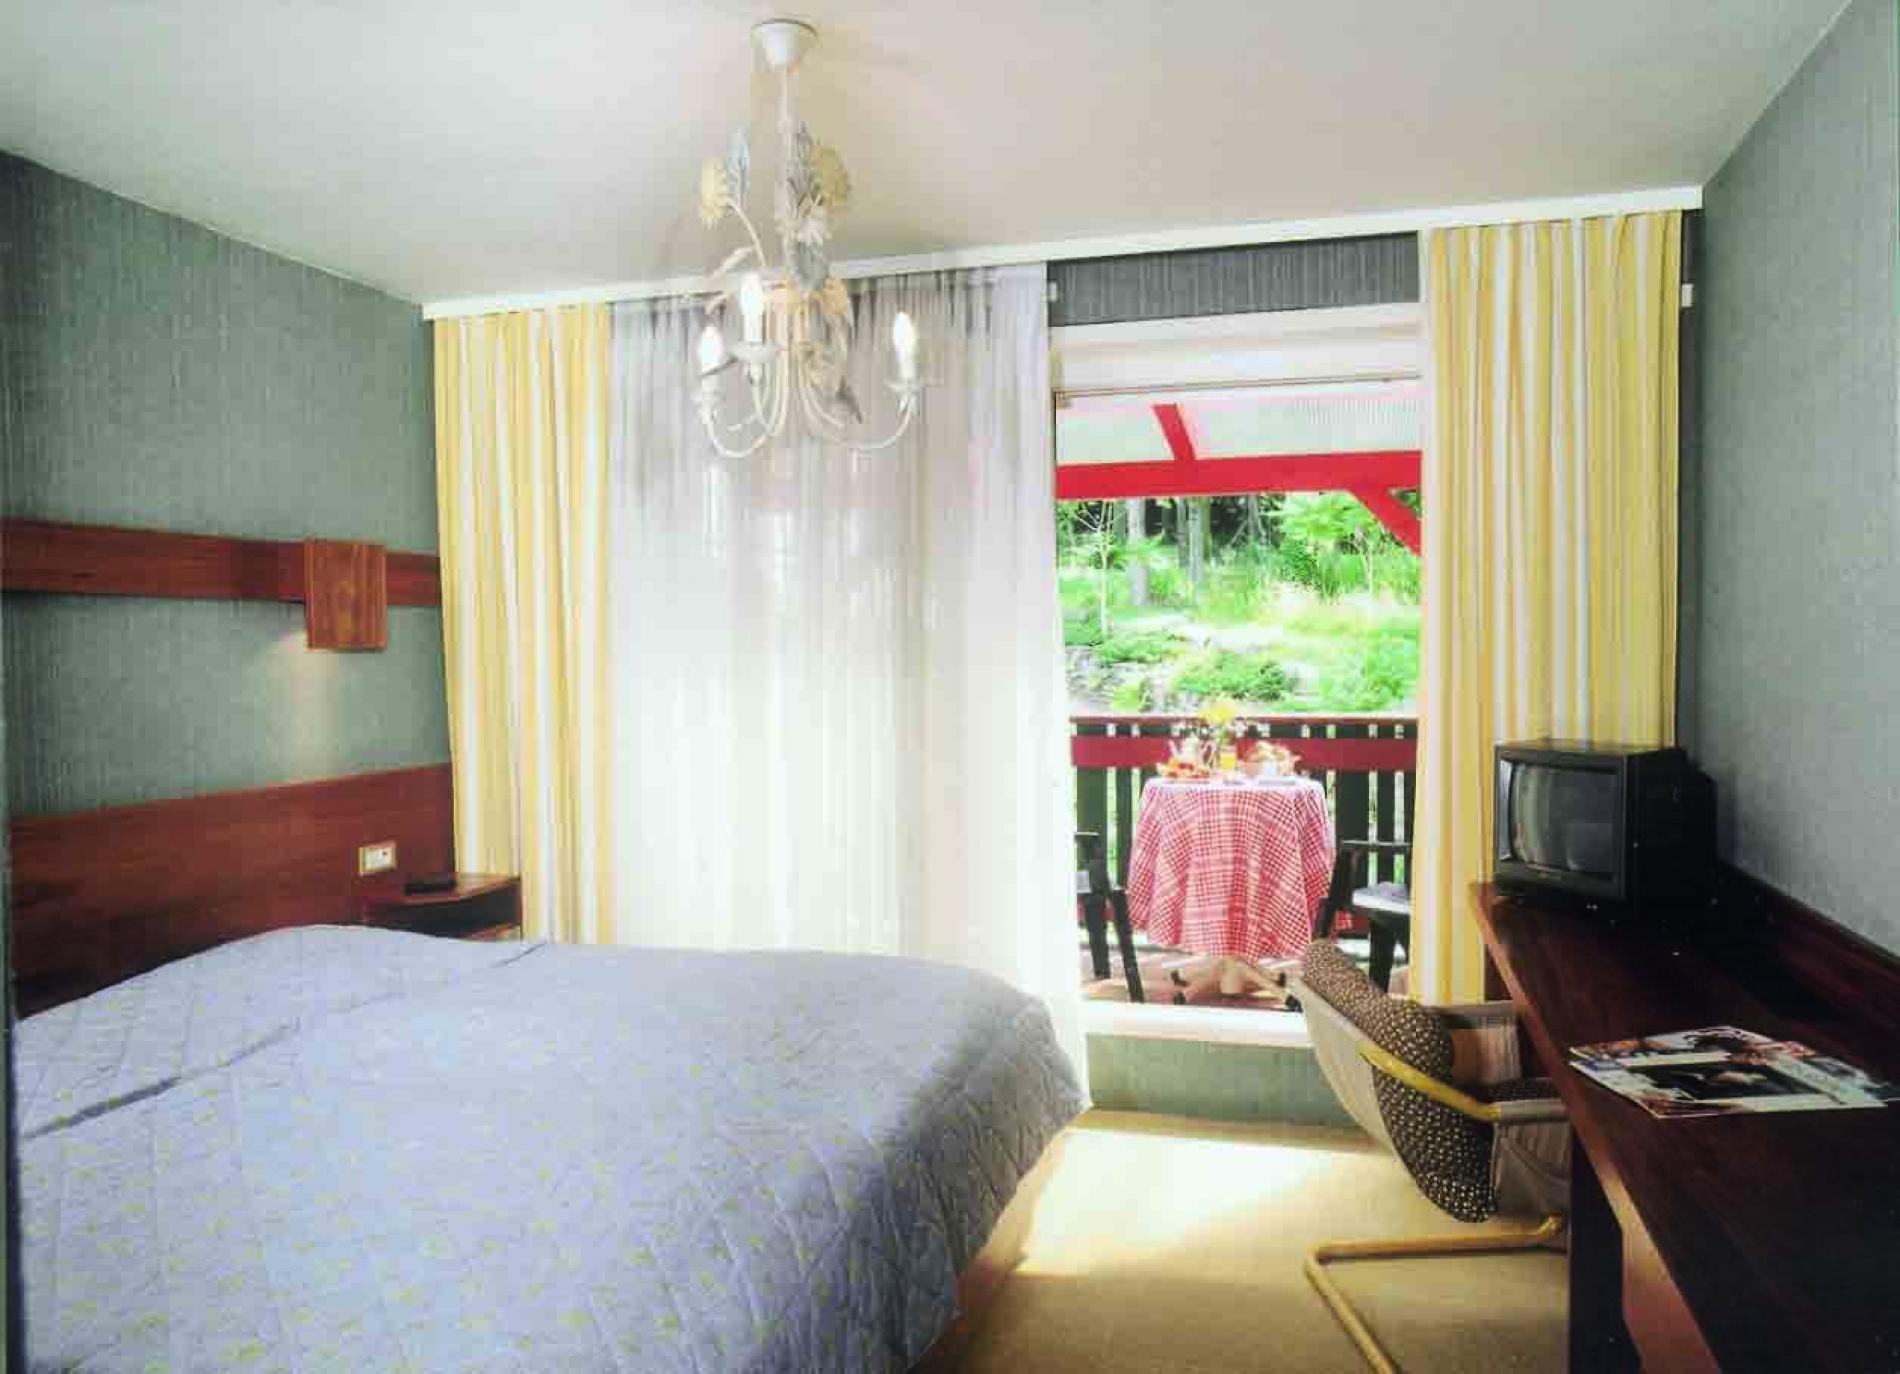 Une Heure Pour Soi Fameck Tarifs bedrooms hotel des vosges in alsace